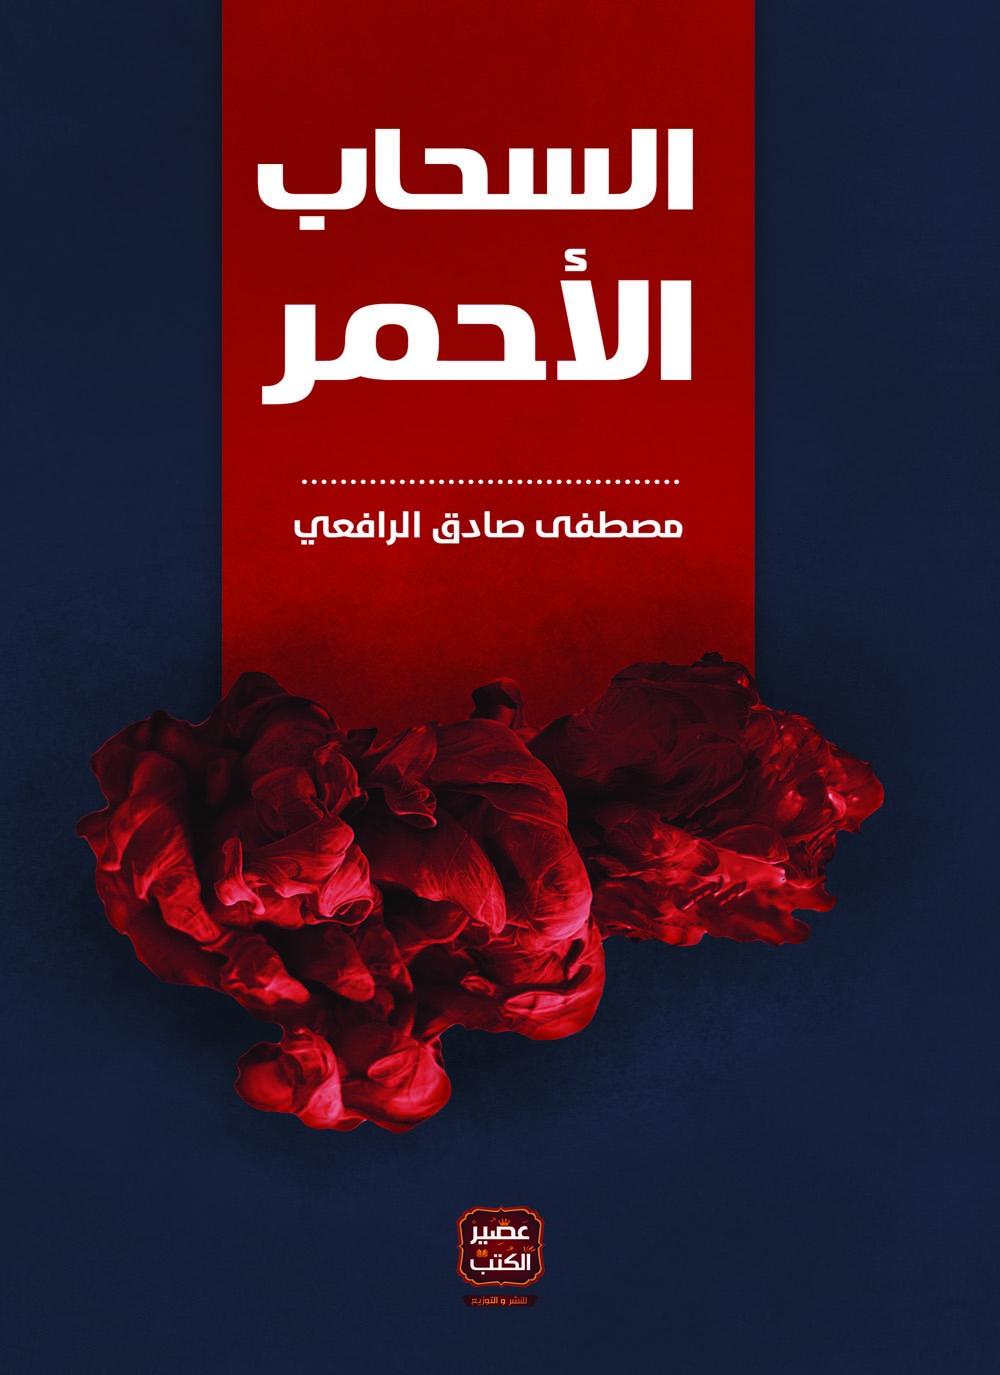 كتاب السحاب الأحمر - مصطفى صادق الرافعي